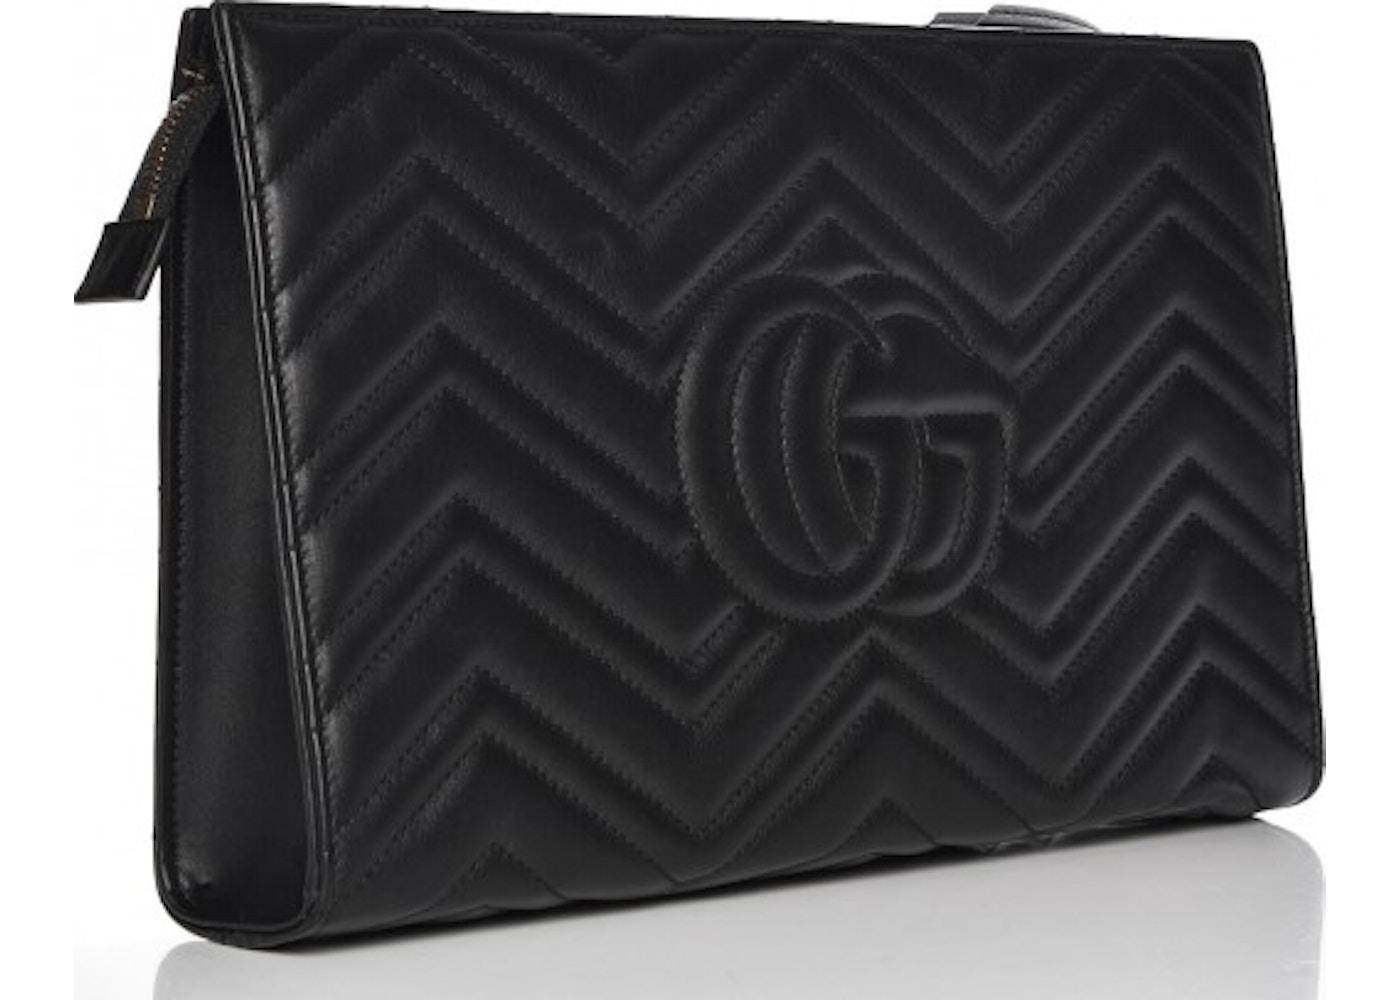 7292355077a Gucci Marmont Clutch Matelasse GG Black